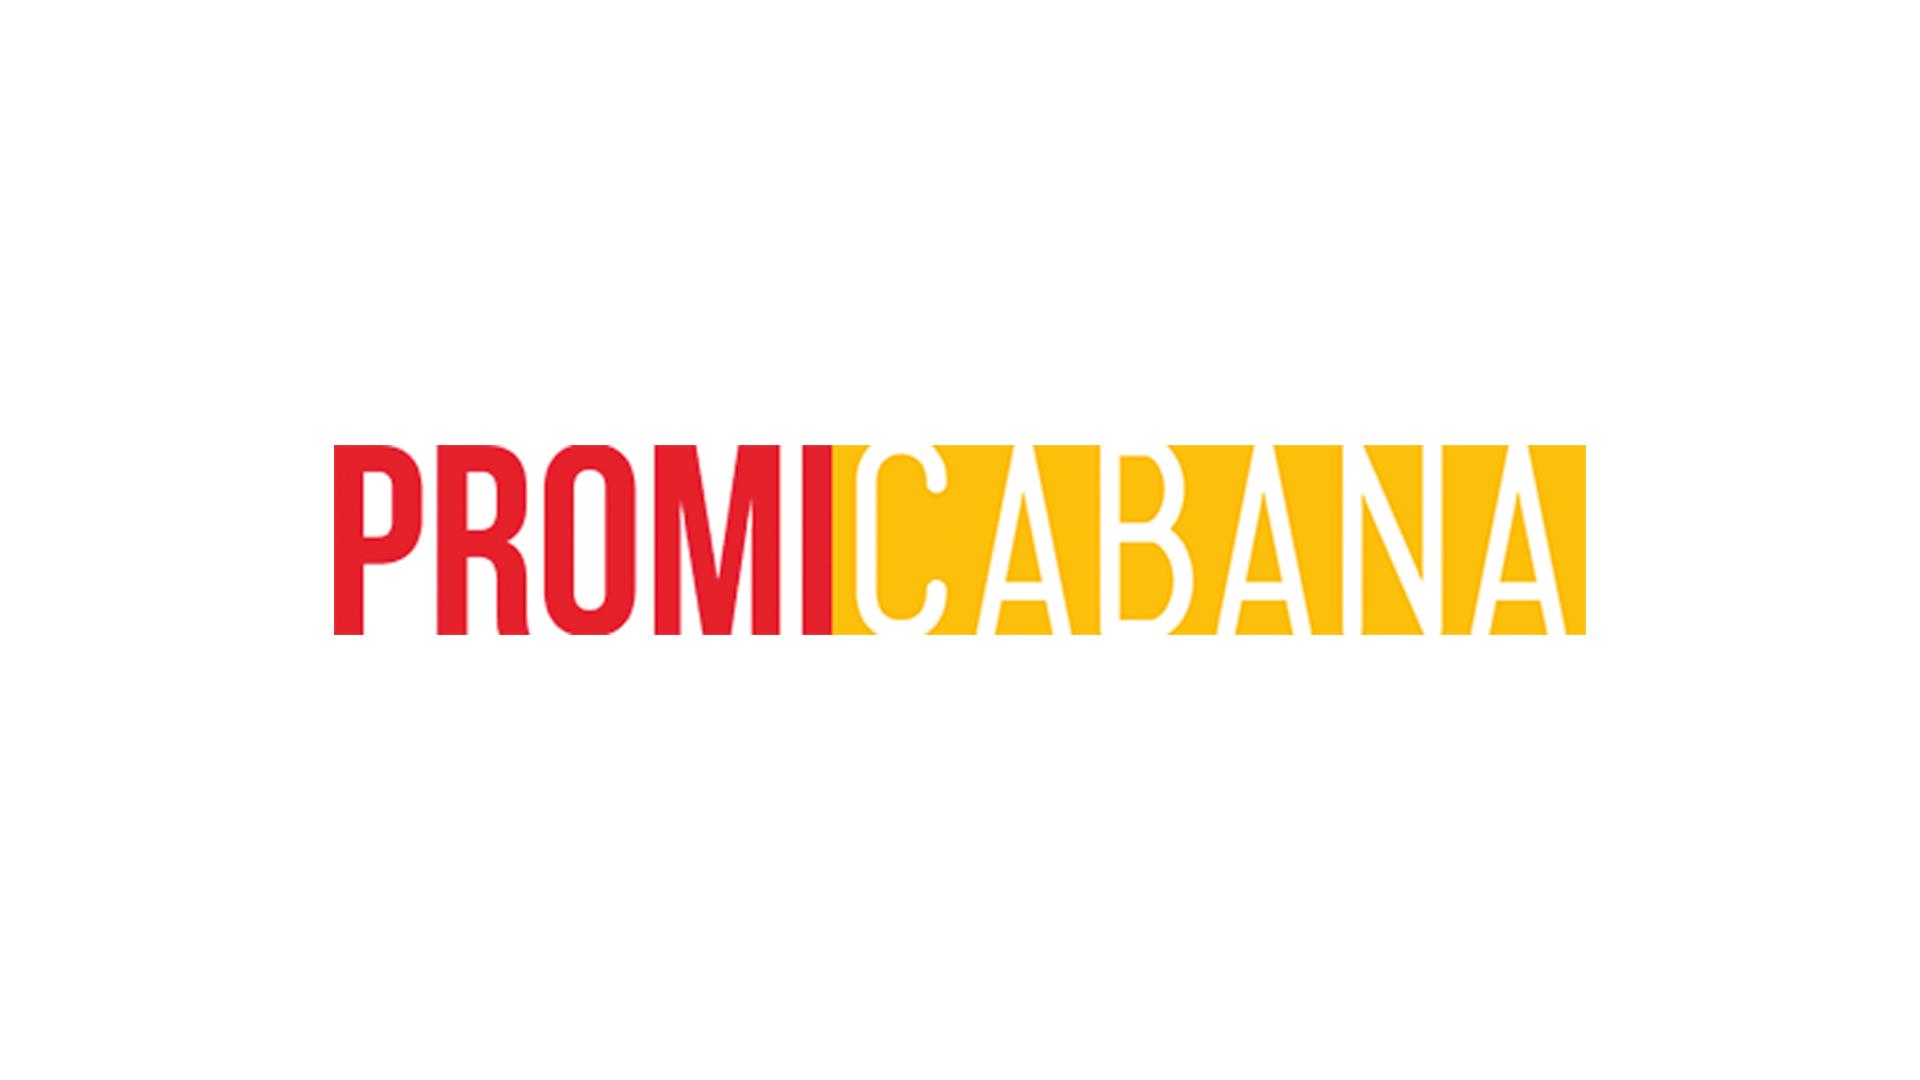 Jennifer-Lopez-Casper-Smart-American-Idol